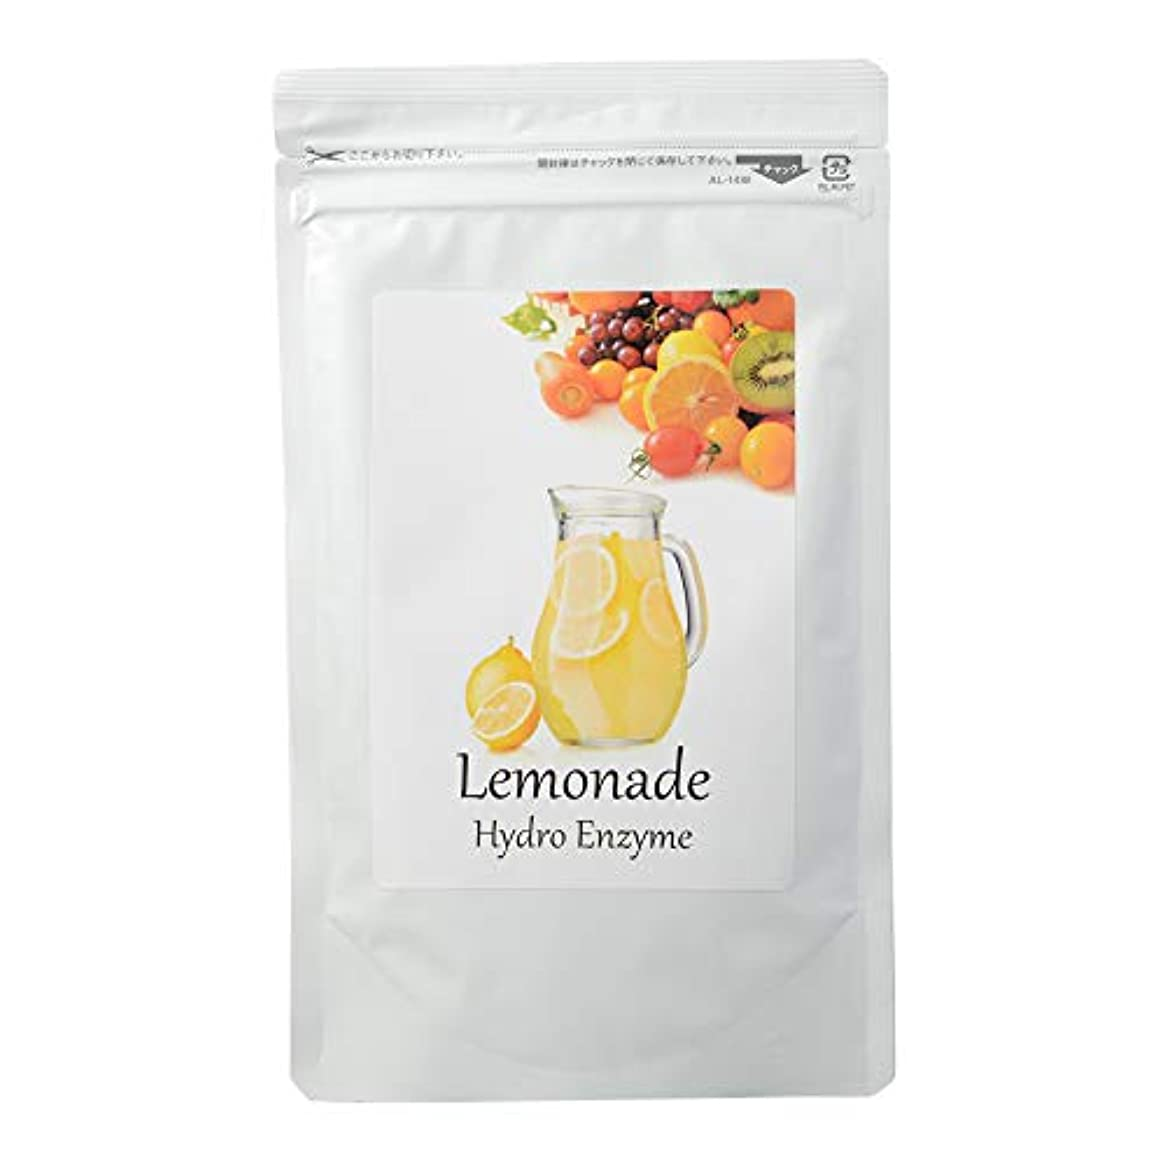 王族複雑なアラビア語Lemonade Hydro Enzyme (ダイエット ドリンク) レモネード 水素エンザイムダイエット 健康飲料 専用スプーン付 [内容量150g /説明書付き]